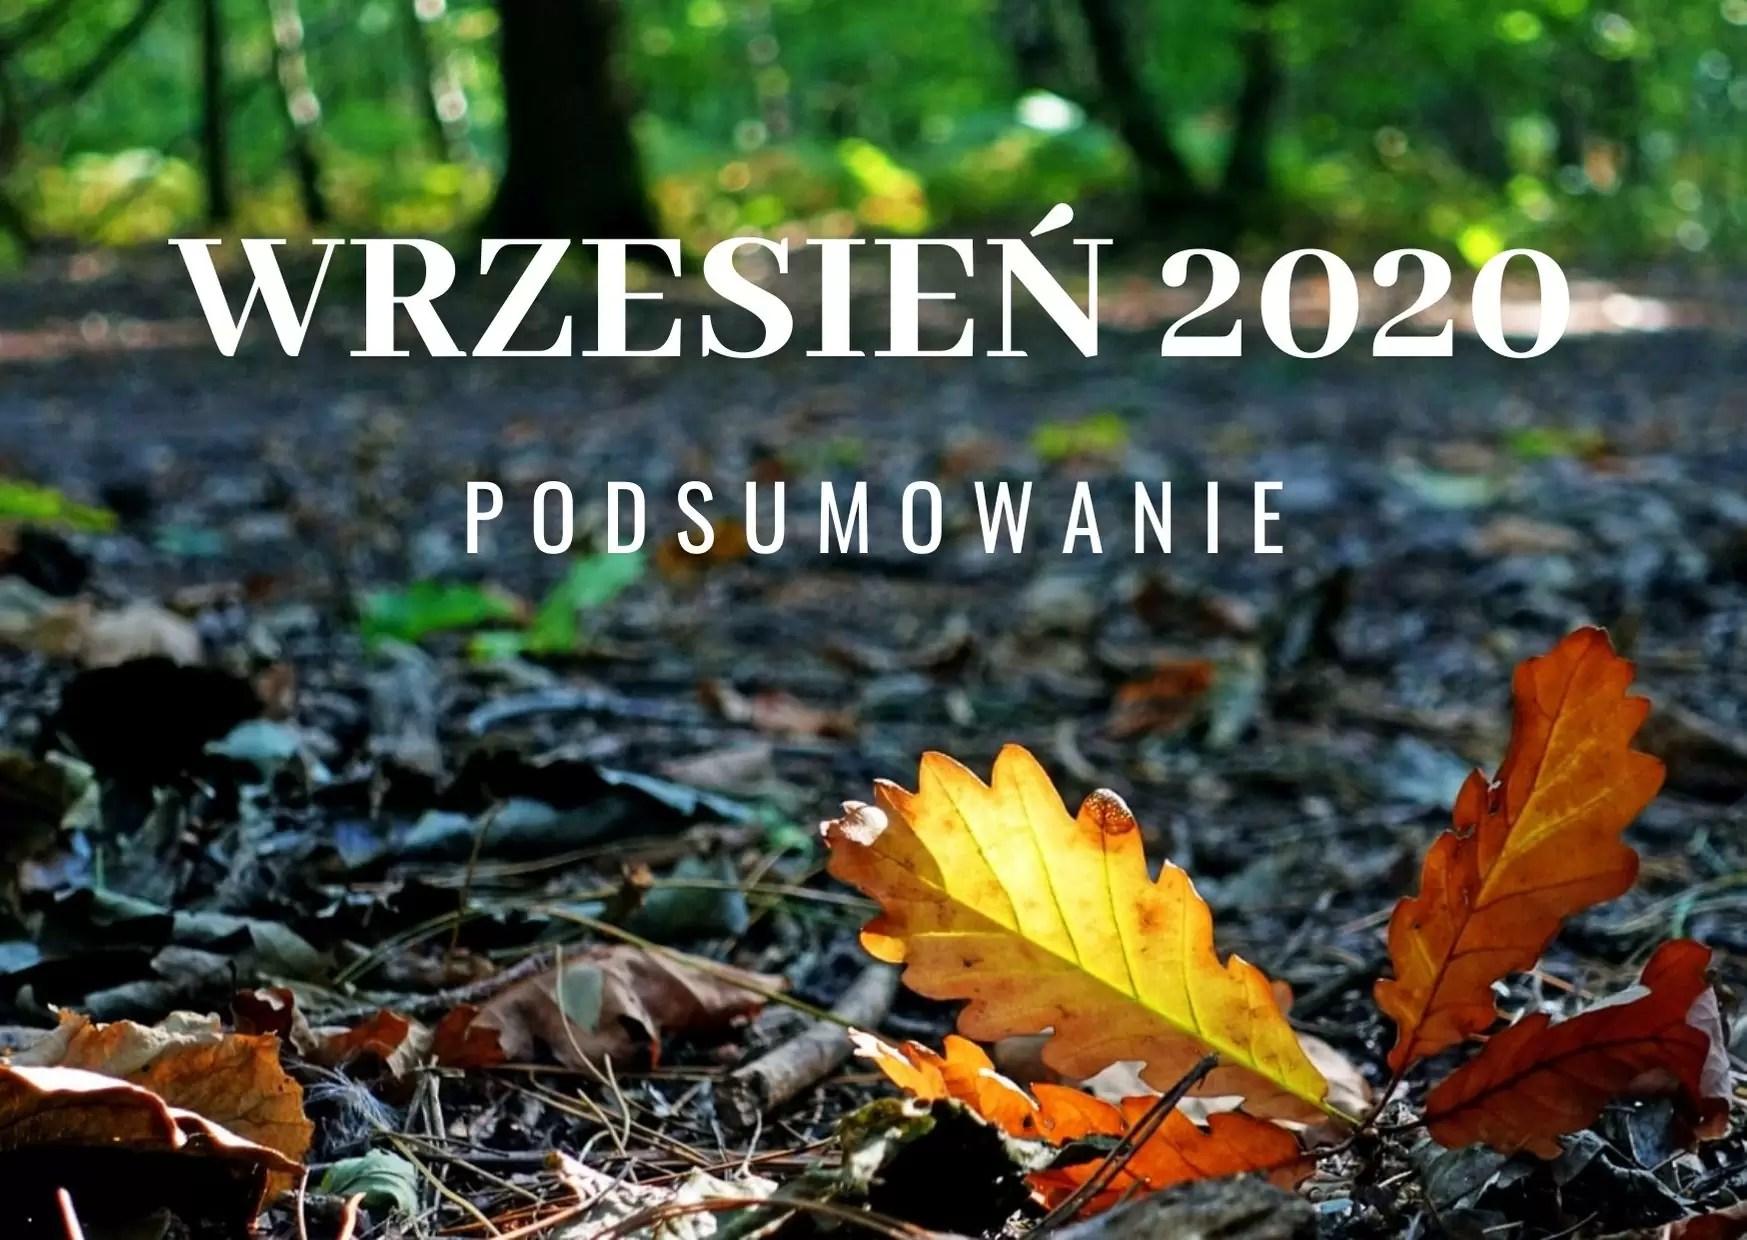 Wrzesien 2020 podsumowanie